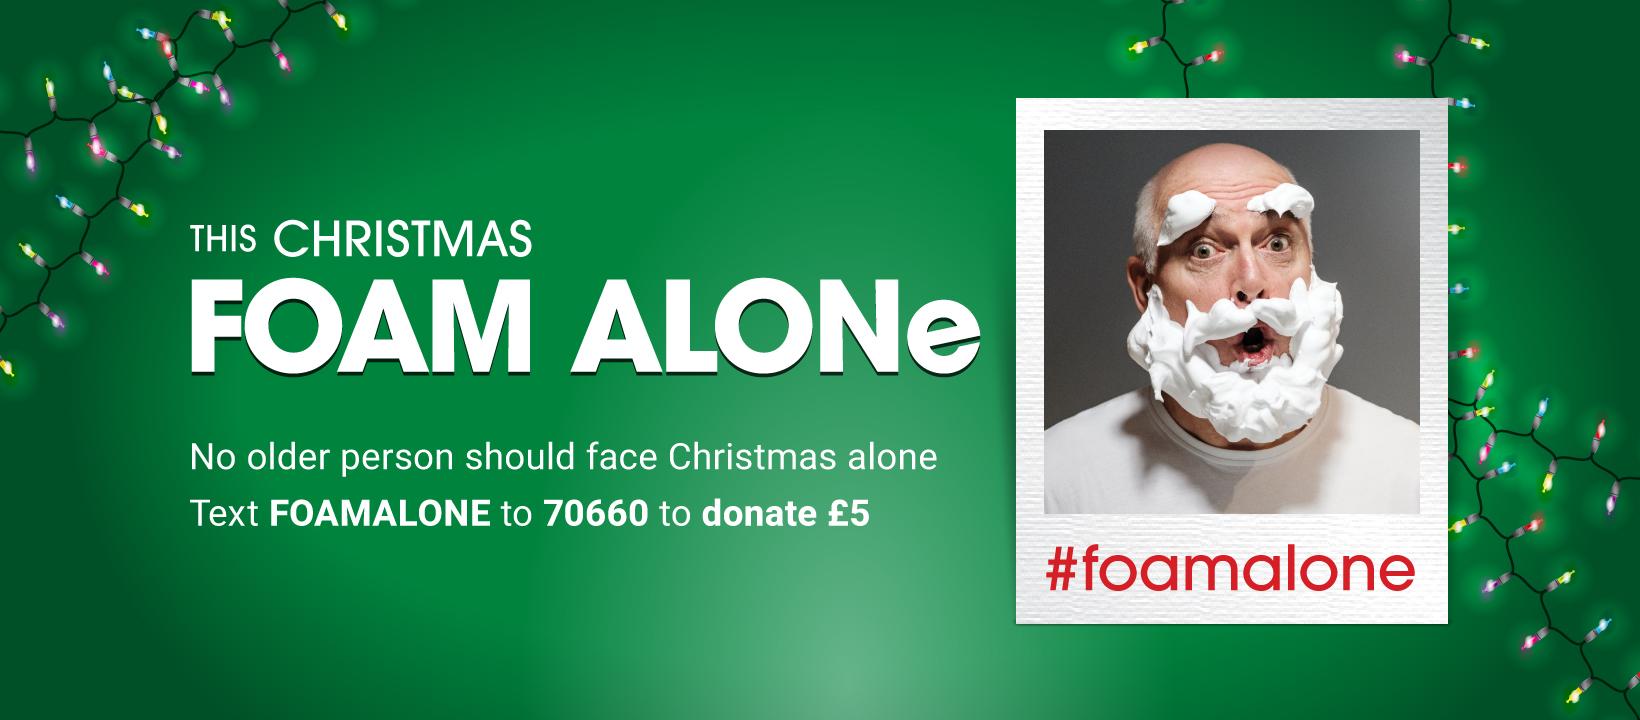 foam alone